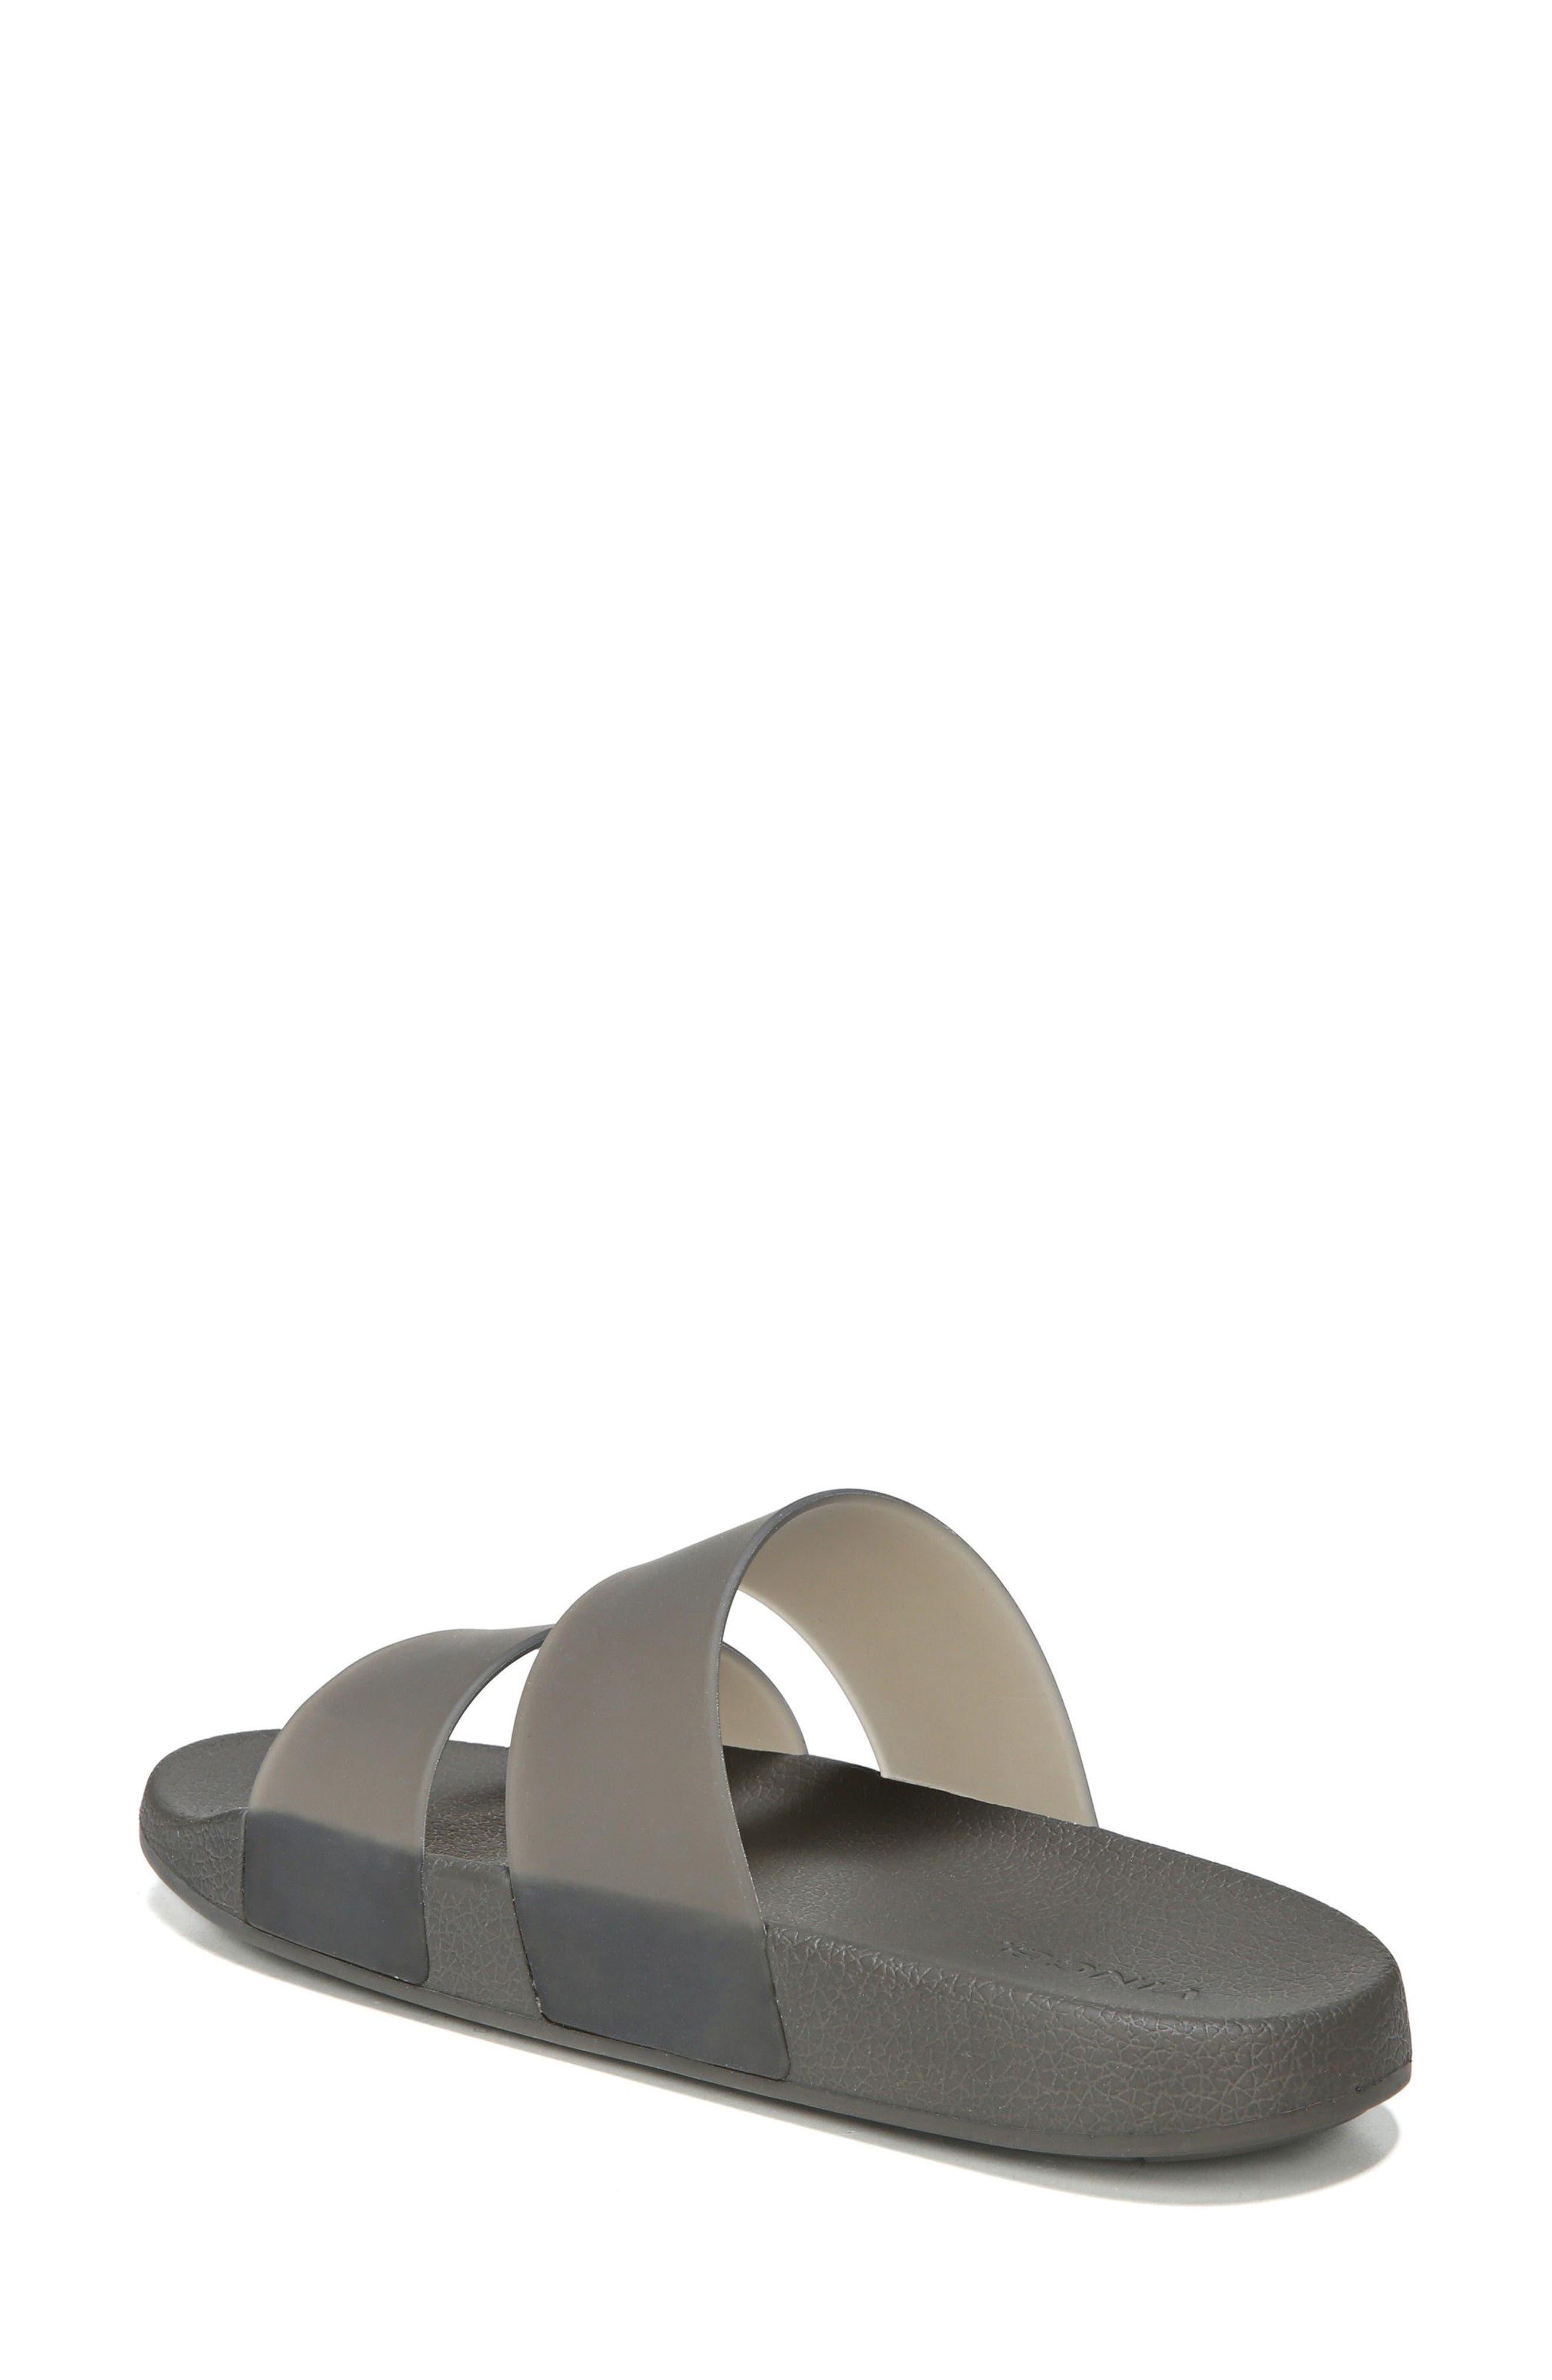 Wynne Slide Sandal,                             Alternate thumbnail 5, color,